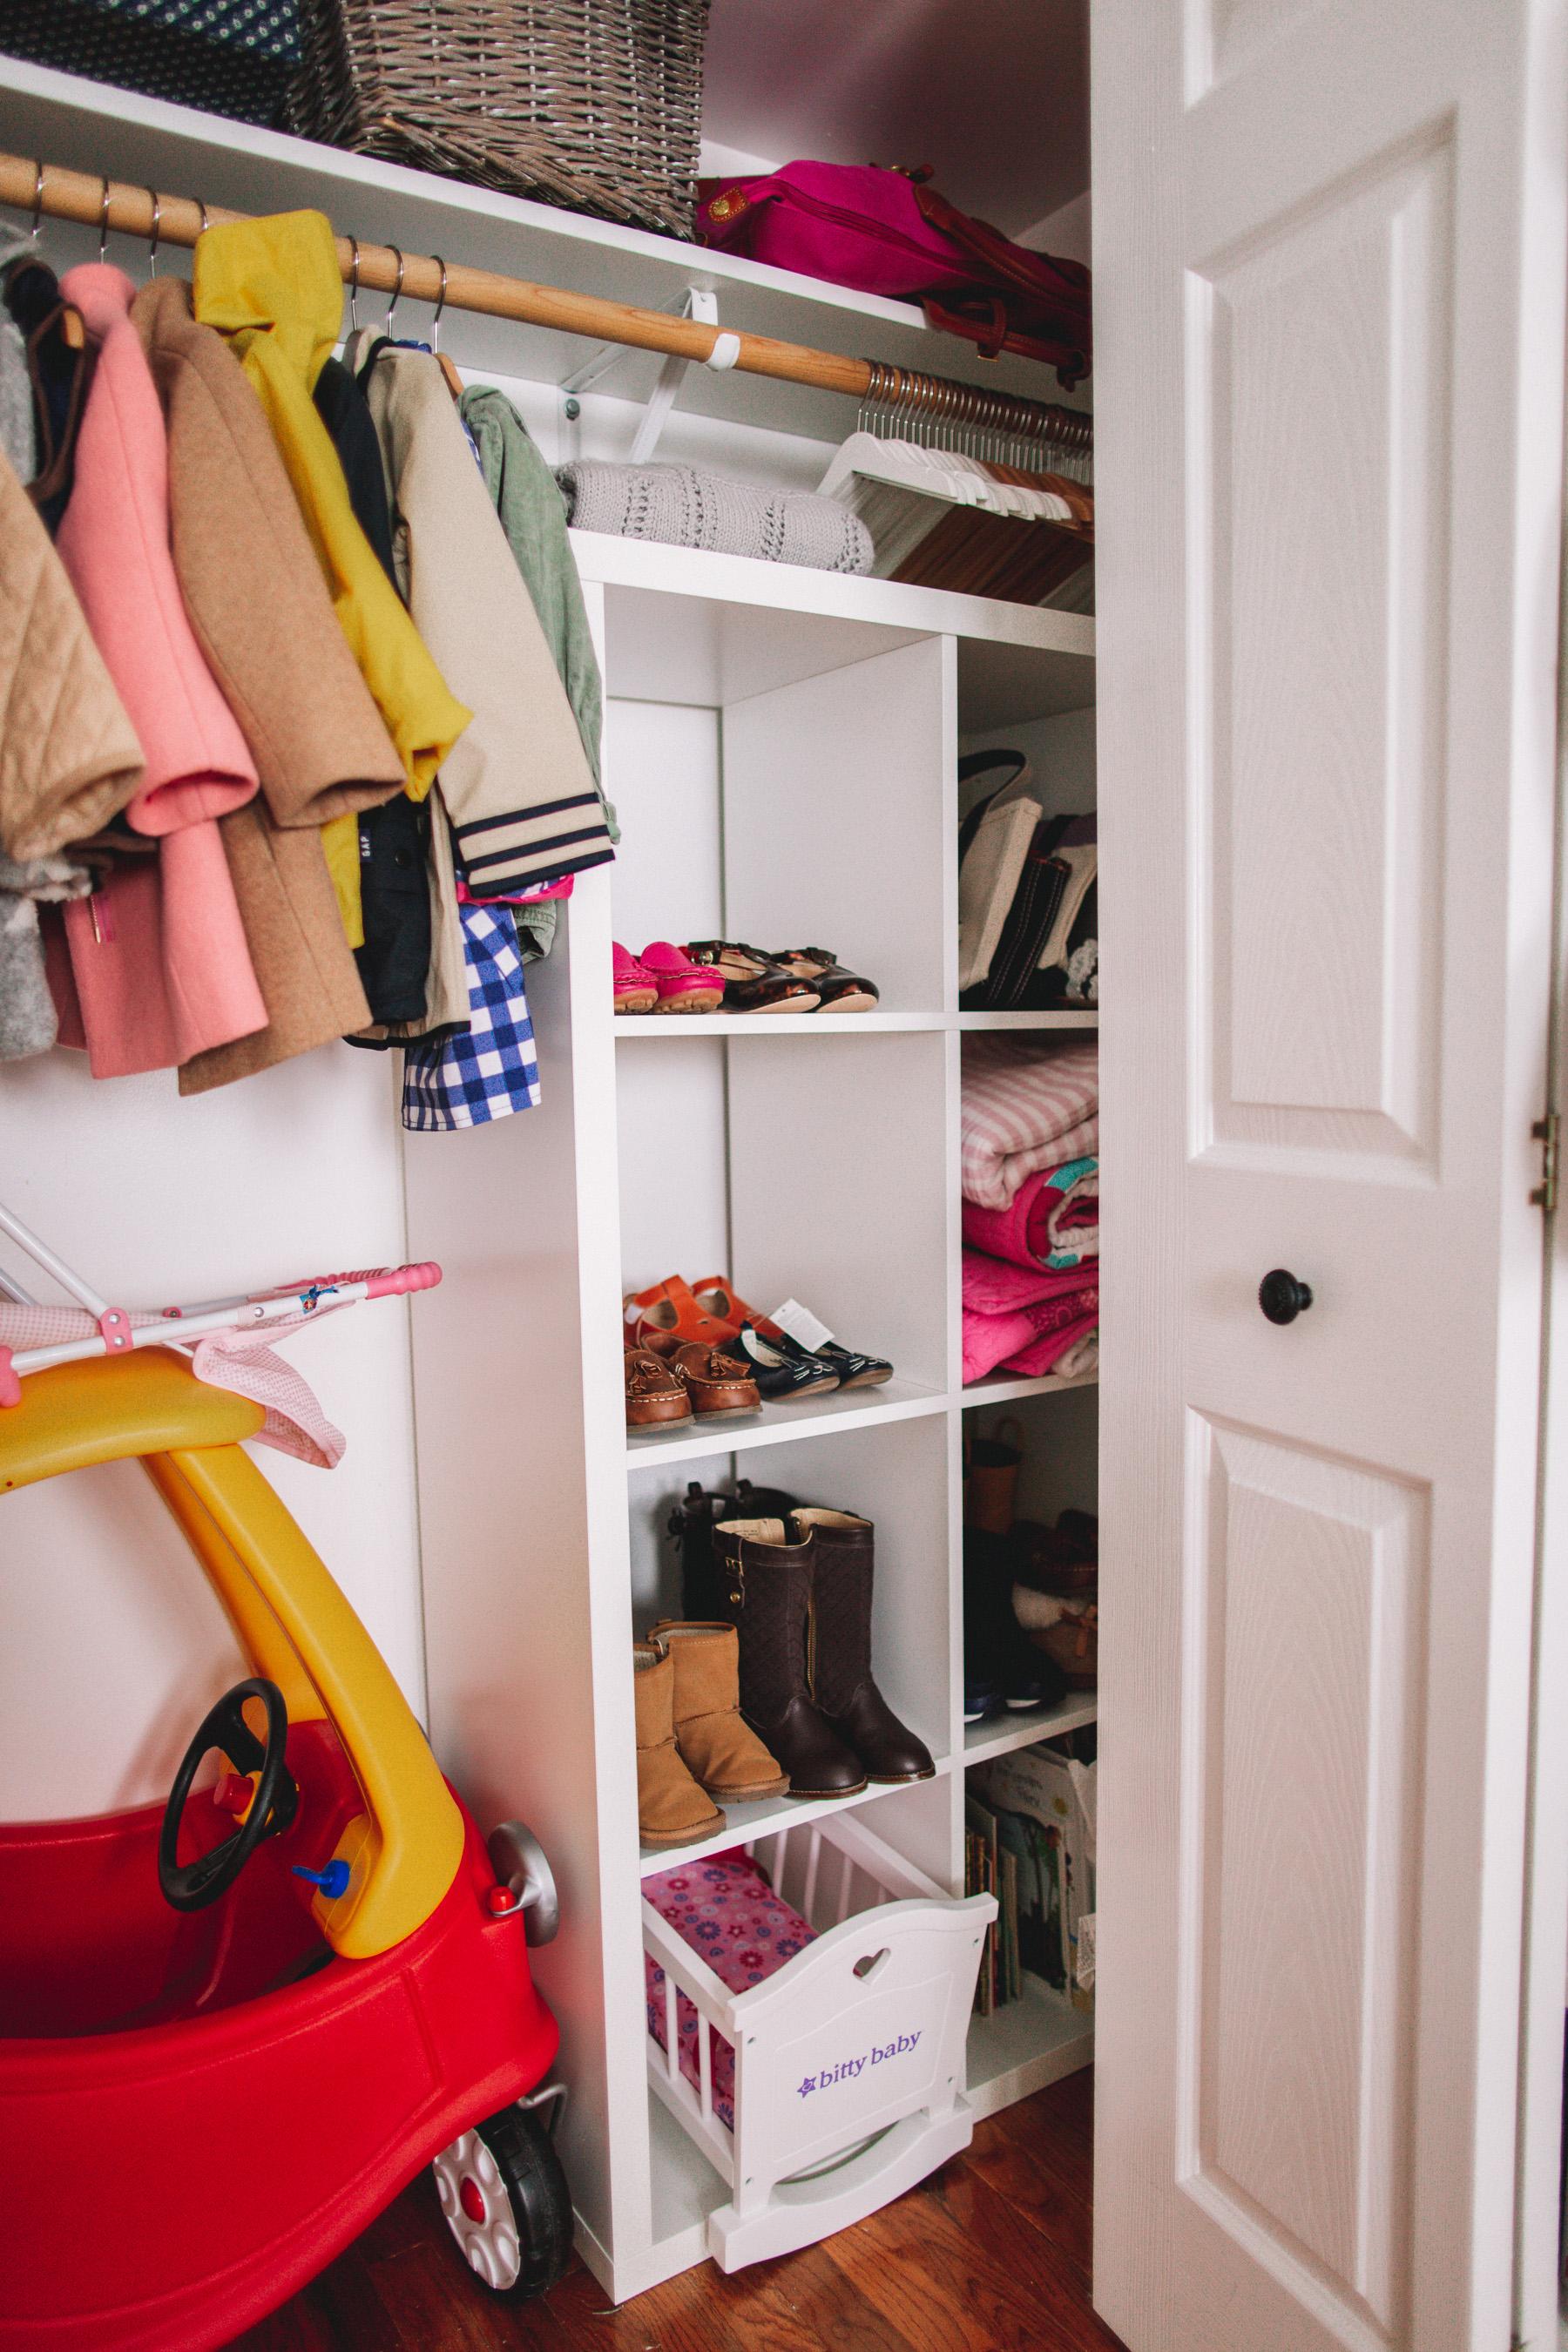 How to KonMari Kids' Rooms by Kelly Larkin